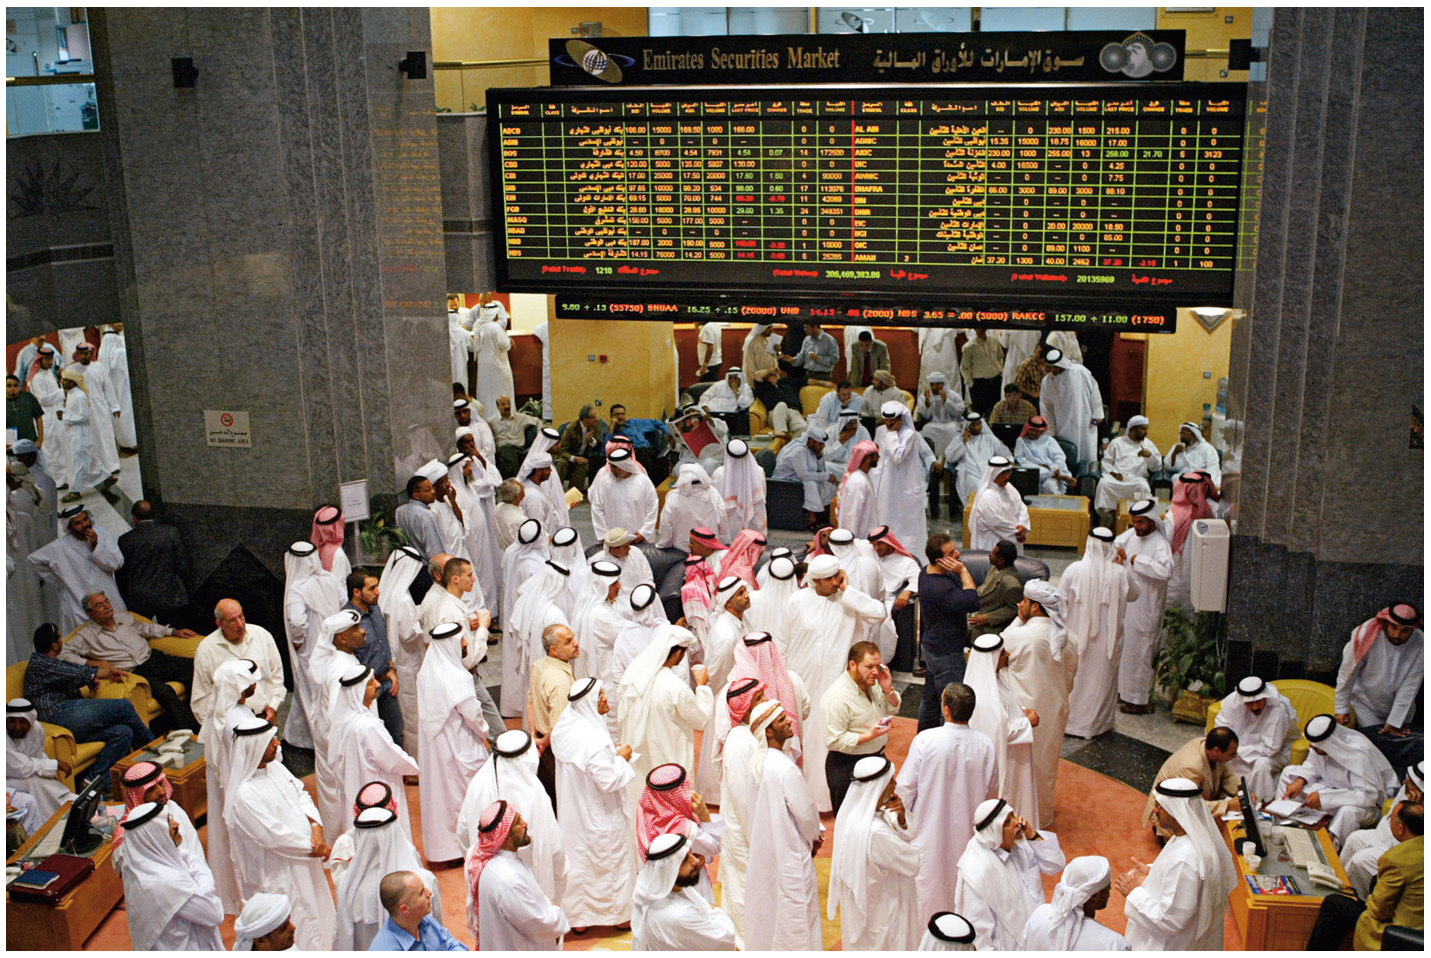 ارتفاع مكاسب الأسهم المحلية إلى 35 مليار درهم في أسبوعين